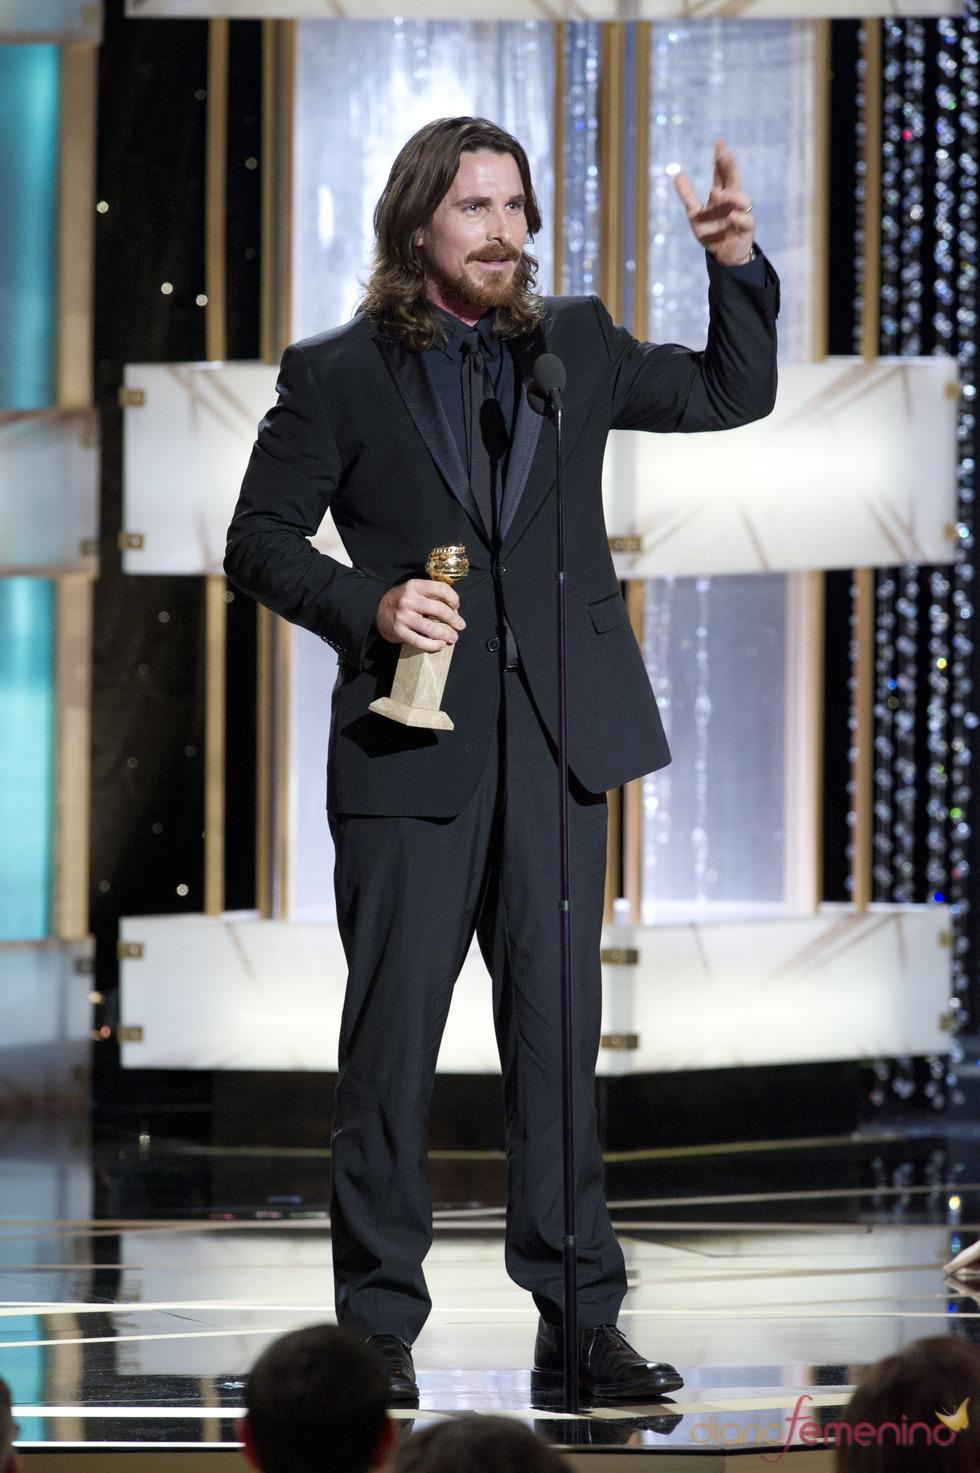 Christian Bale recogiendo su premio en los Globos de Oro 2011